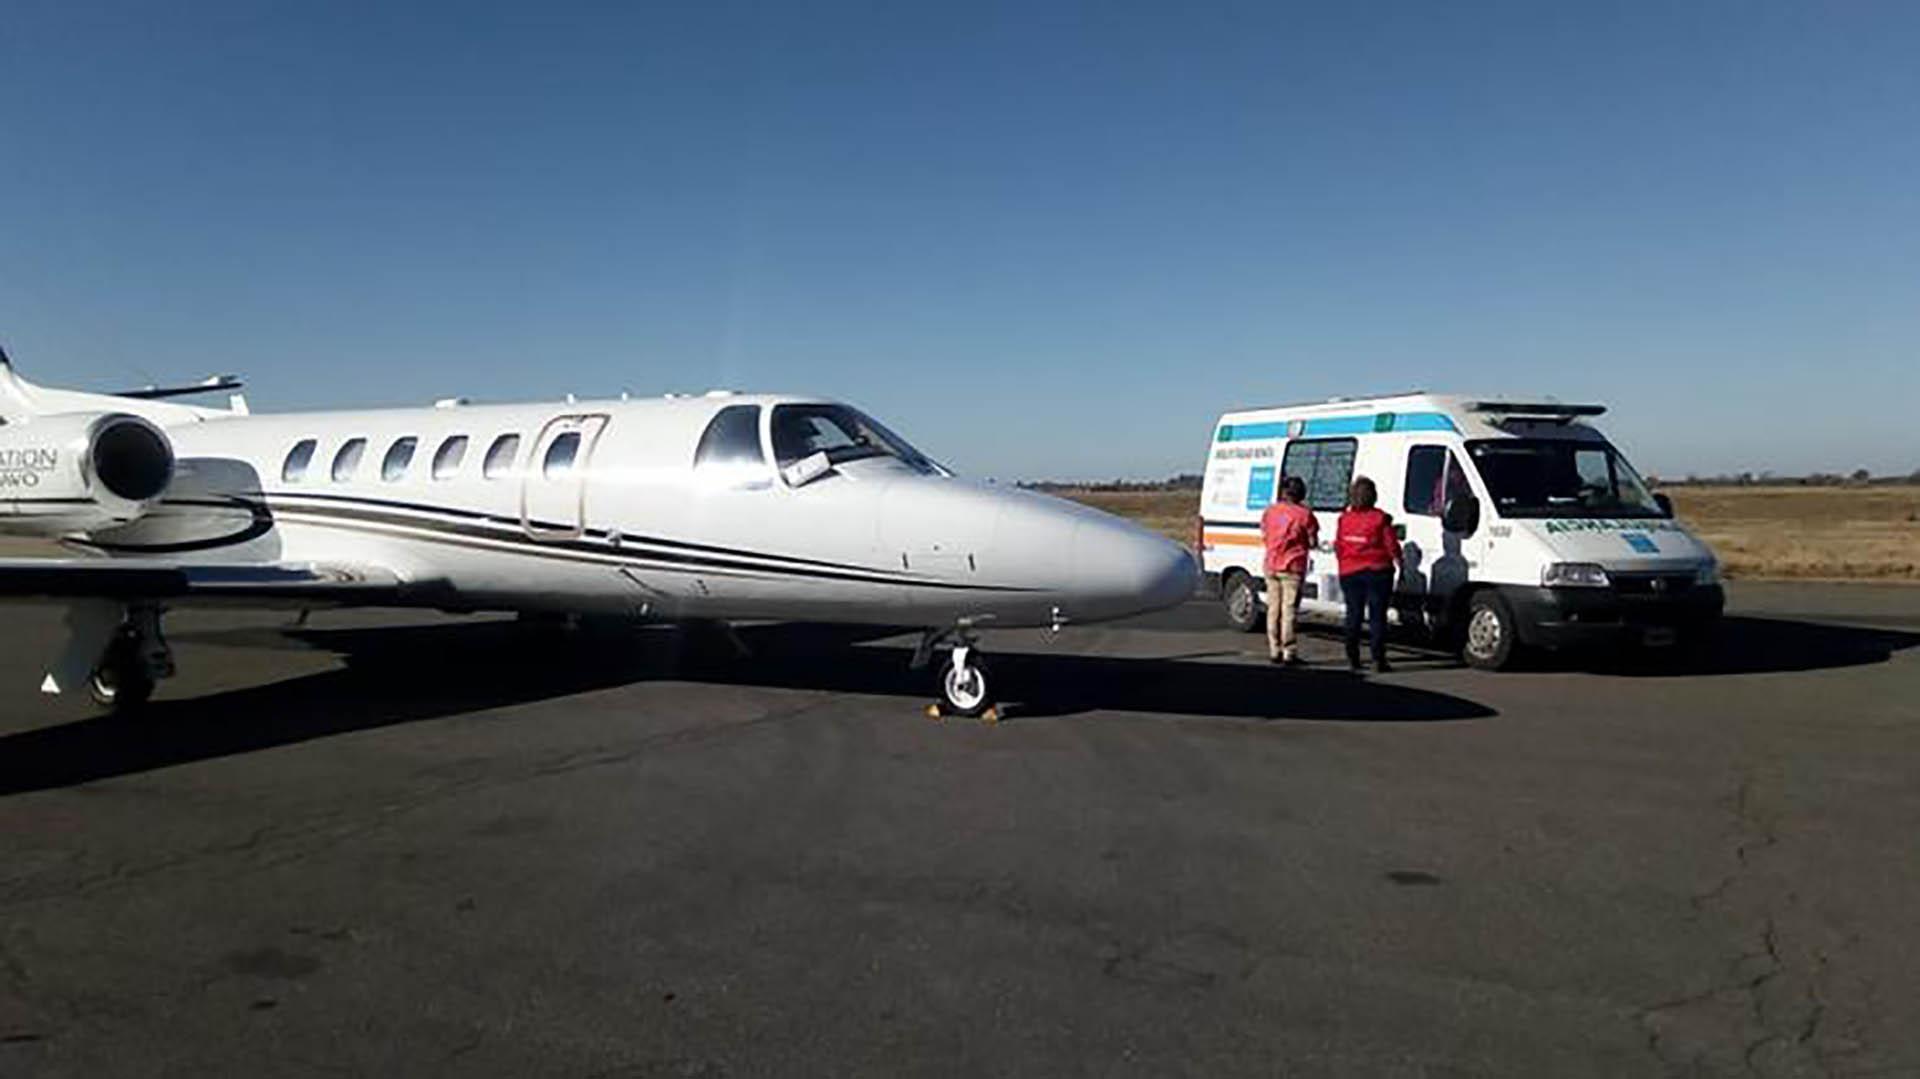 El avión sanitario arribó a San Miguel de Tucumán a las 0:30 de este sábado (comunicaciontucuman.gob.ar)